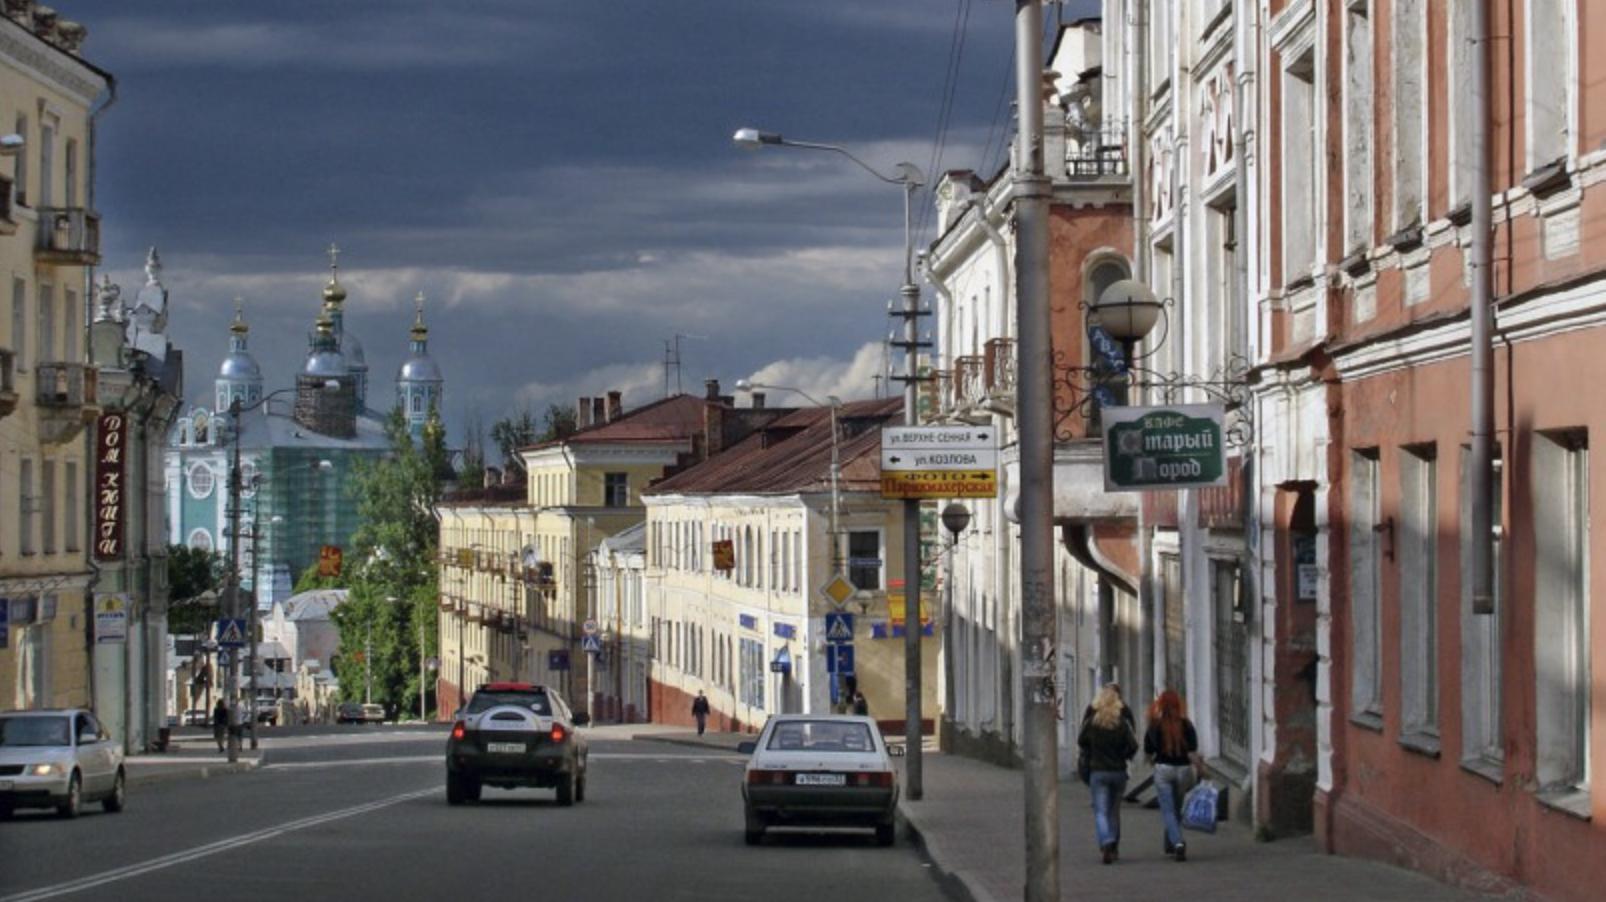 Ж/д билеты «Ласточка» Москва - Смоленск расписание поезда и цена